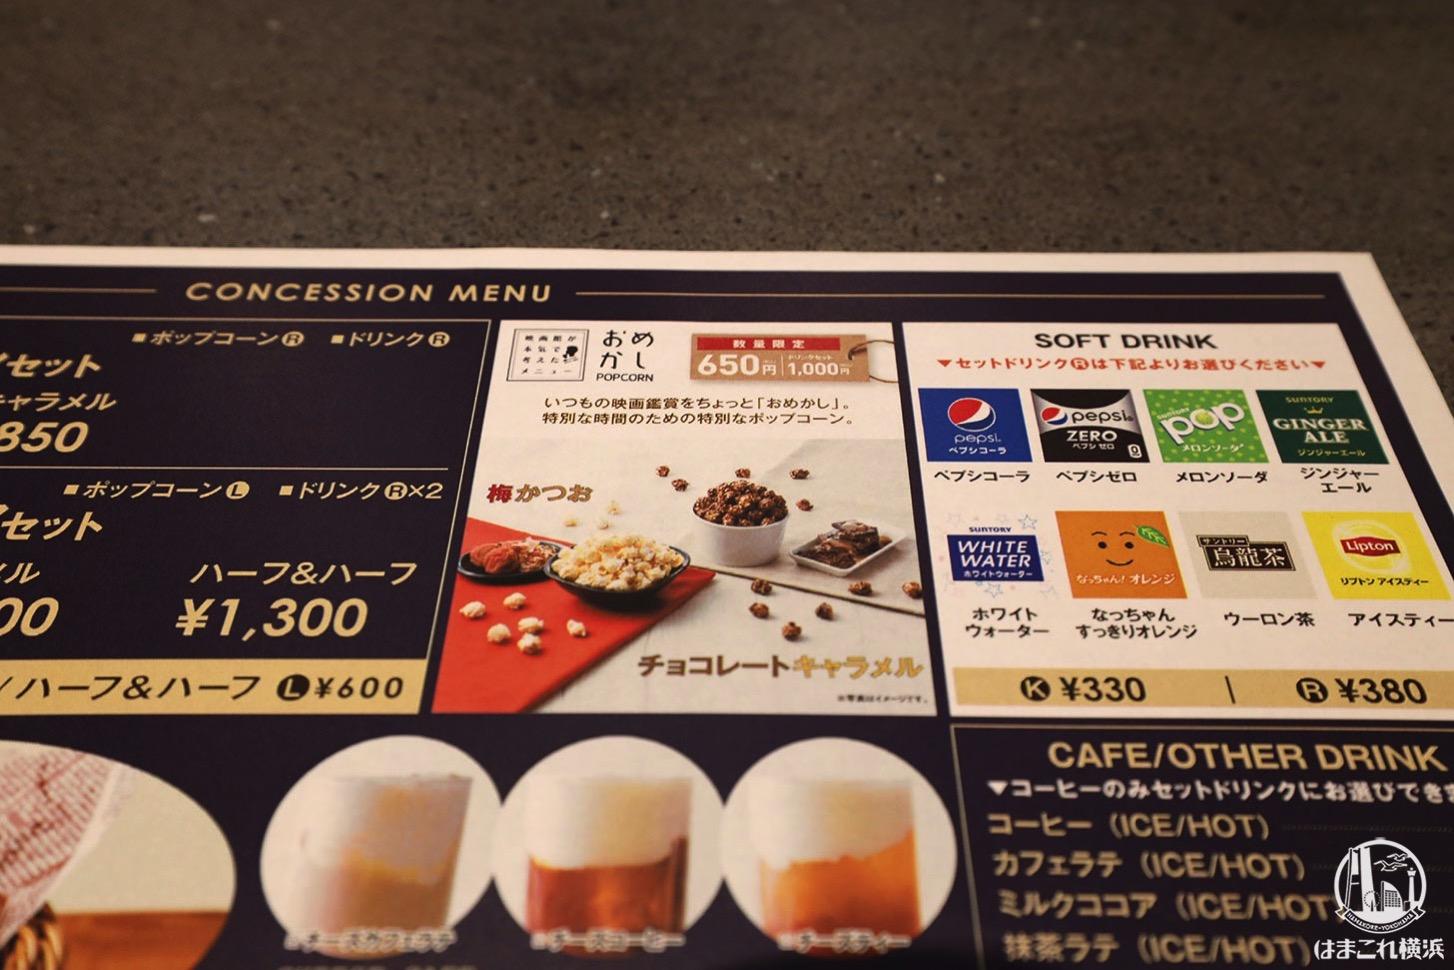 横浜駅 映画館「T・ジョイ横浜」フードコーナー おめかしポップコーン